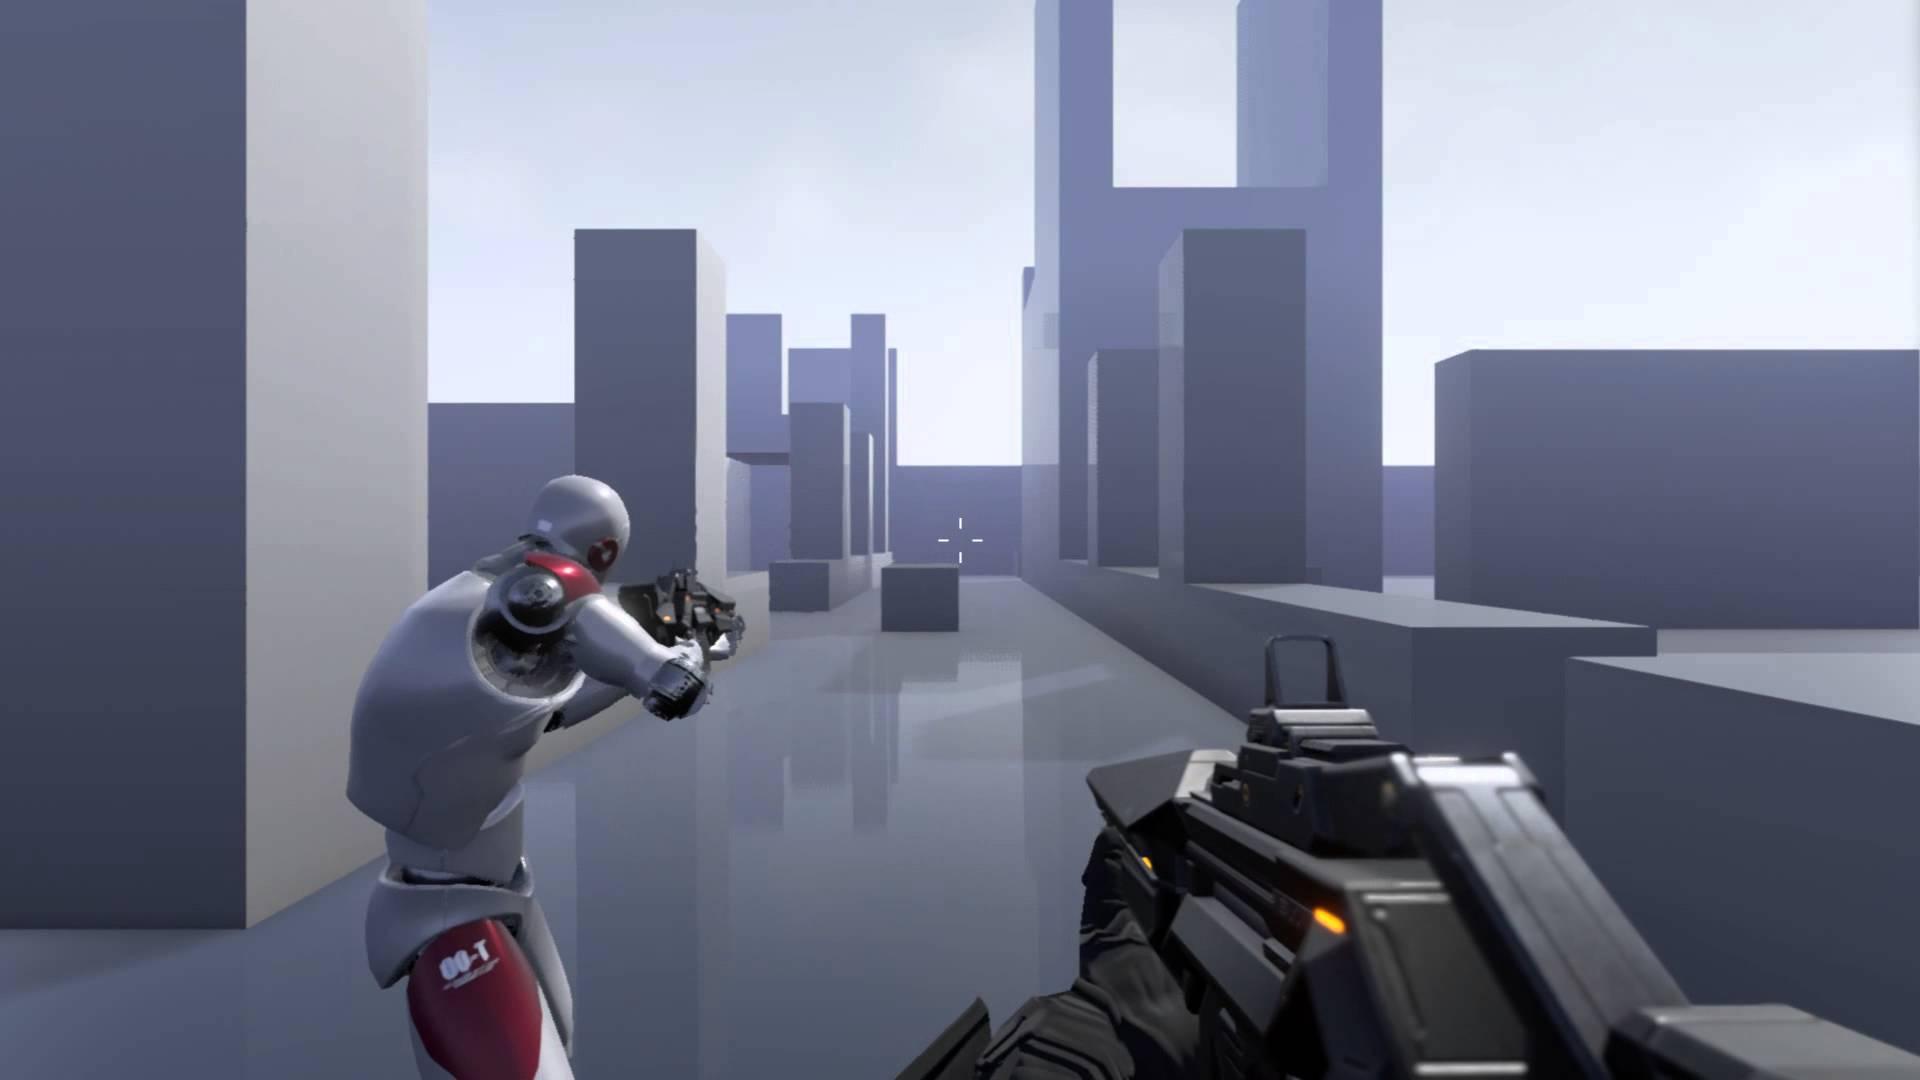 Туториал по Unreal Engine. Часть 10: Как создать простой FPS